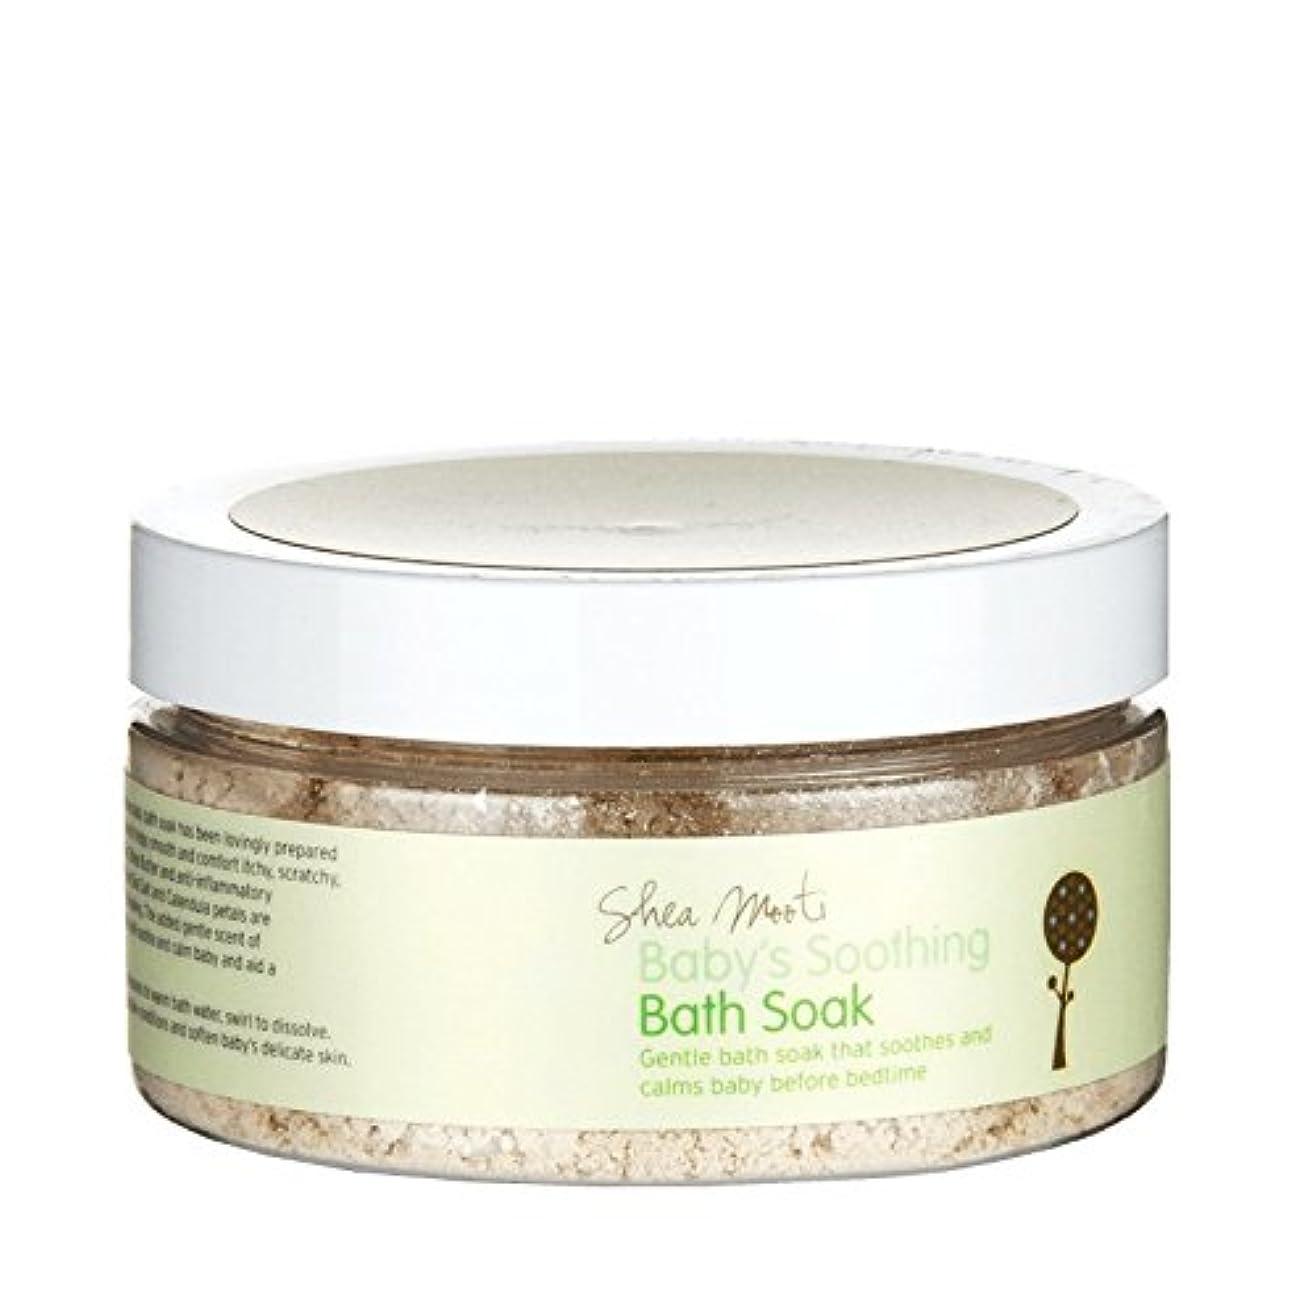 発火する引退する批判的Shea Mooti Baby's Soothing Bath Soak 130g (Pack of 2) - シアバターMooti赤ちゃんの癒しのお風呂は、130グラムを浸し (x2) [並行輸入品]